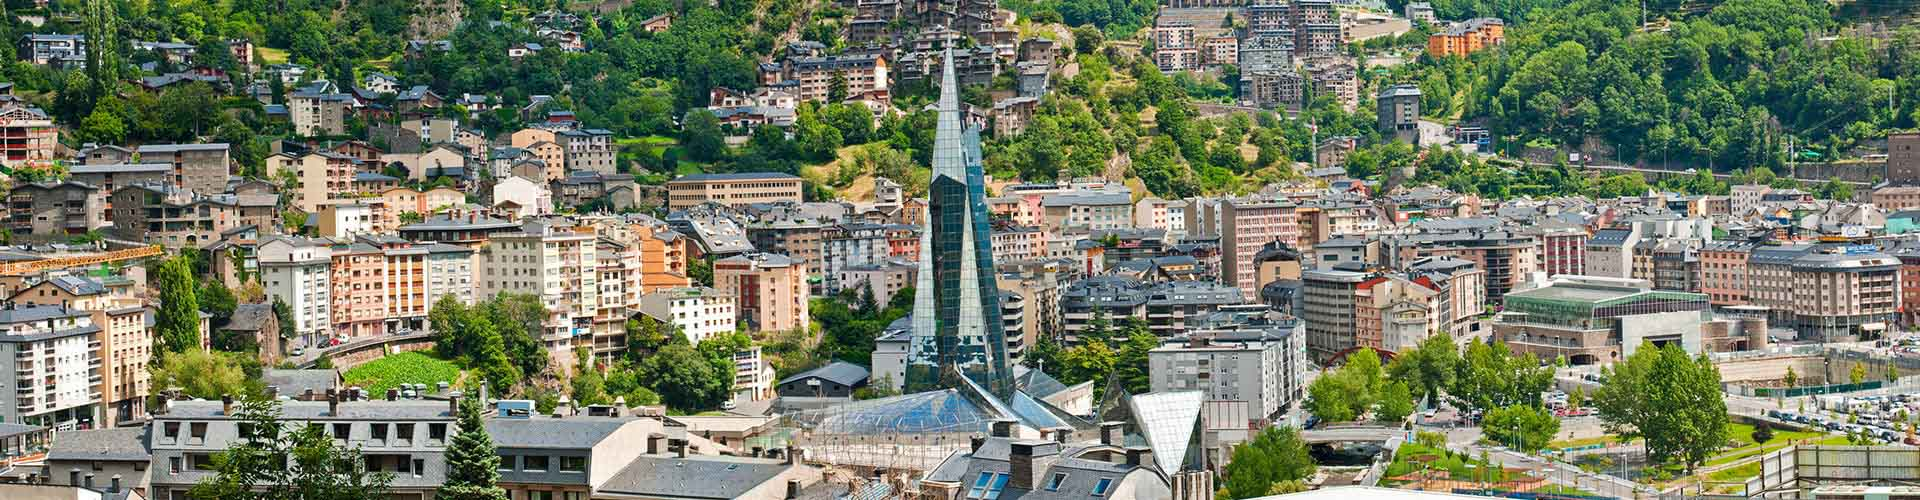 Andorra la Vella – Hostels in Andorra la Vella. Andorra la Vella auf der Karte. Fotos und Bewertungen für jedes Hostel in Andorra la Vella.